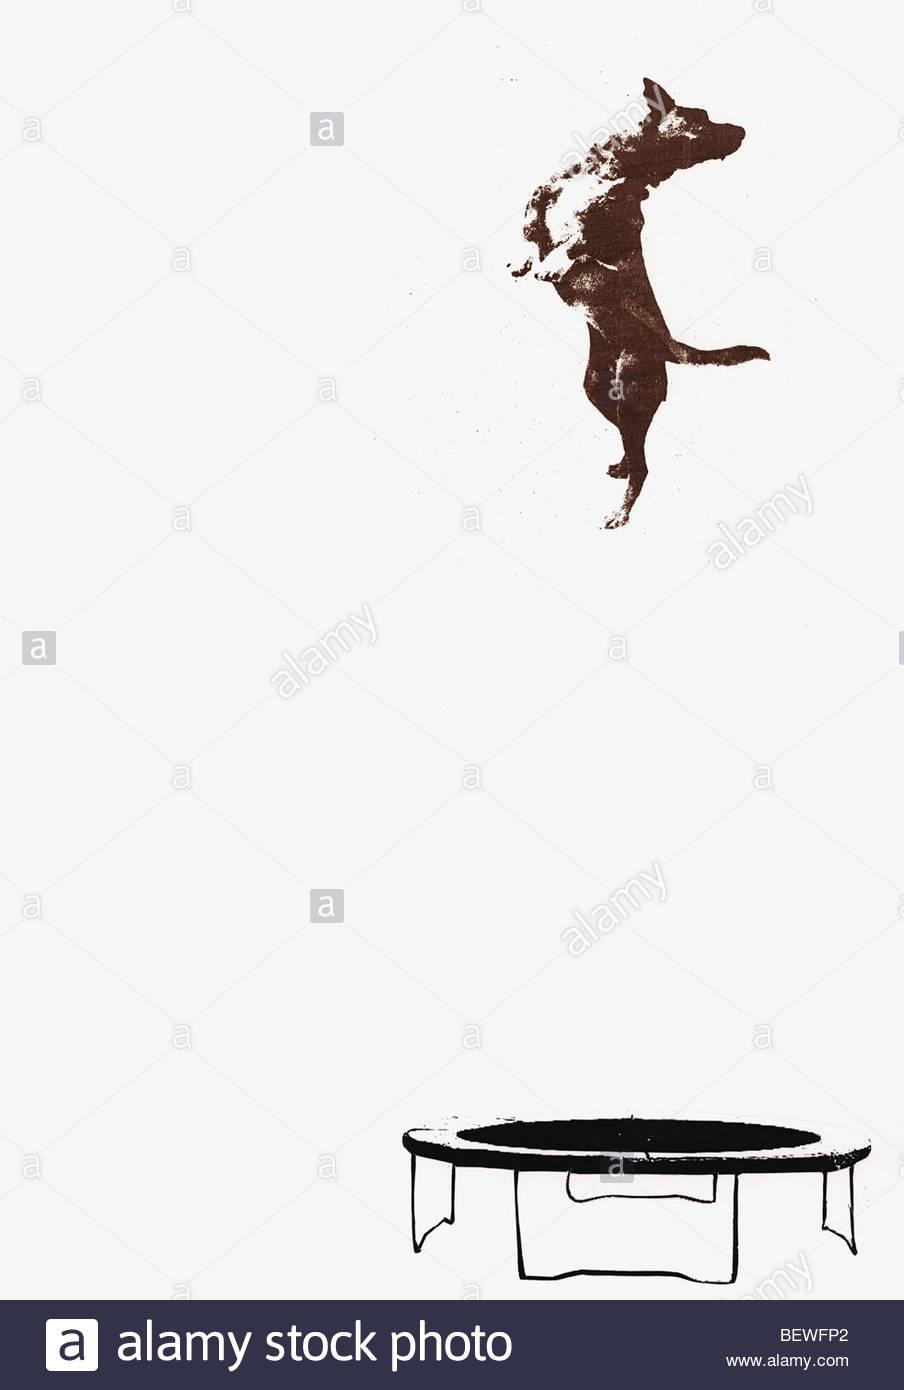 Cane di saltare sul trampolino Immagini Stock